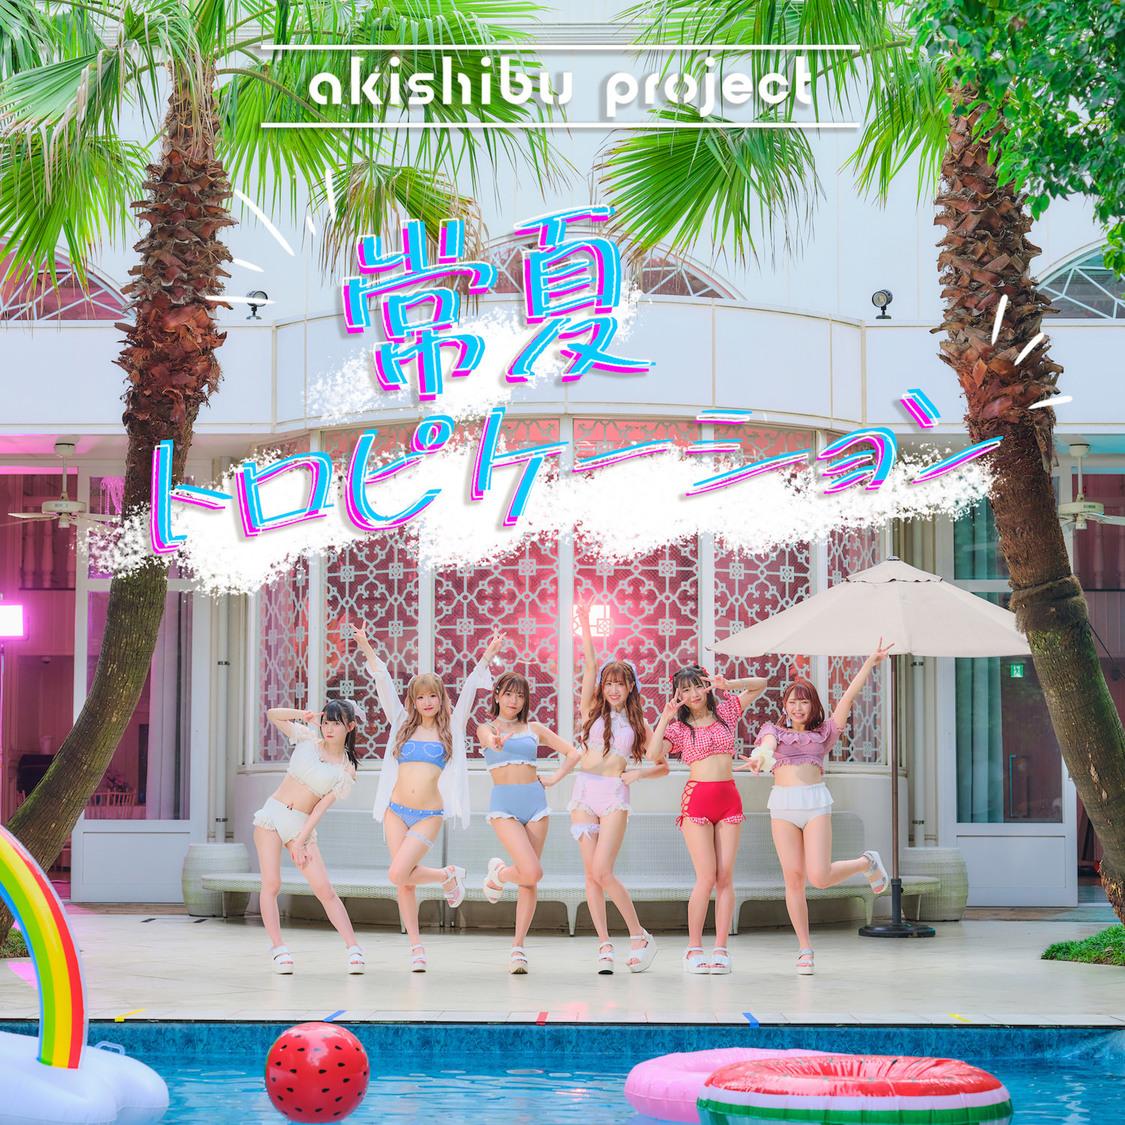 アキシブproject、最新夏曲「常夏トロピケーション」配信スタート!